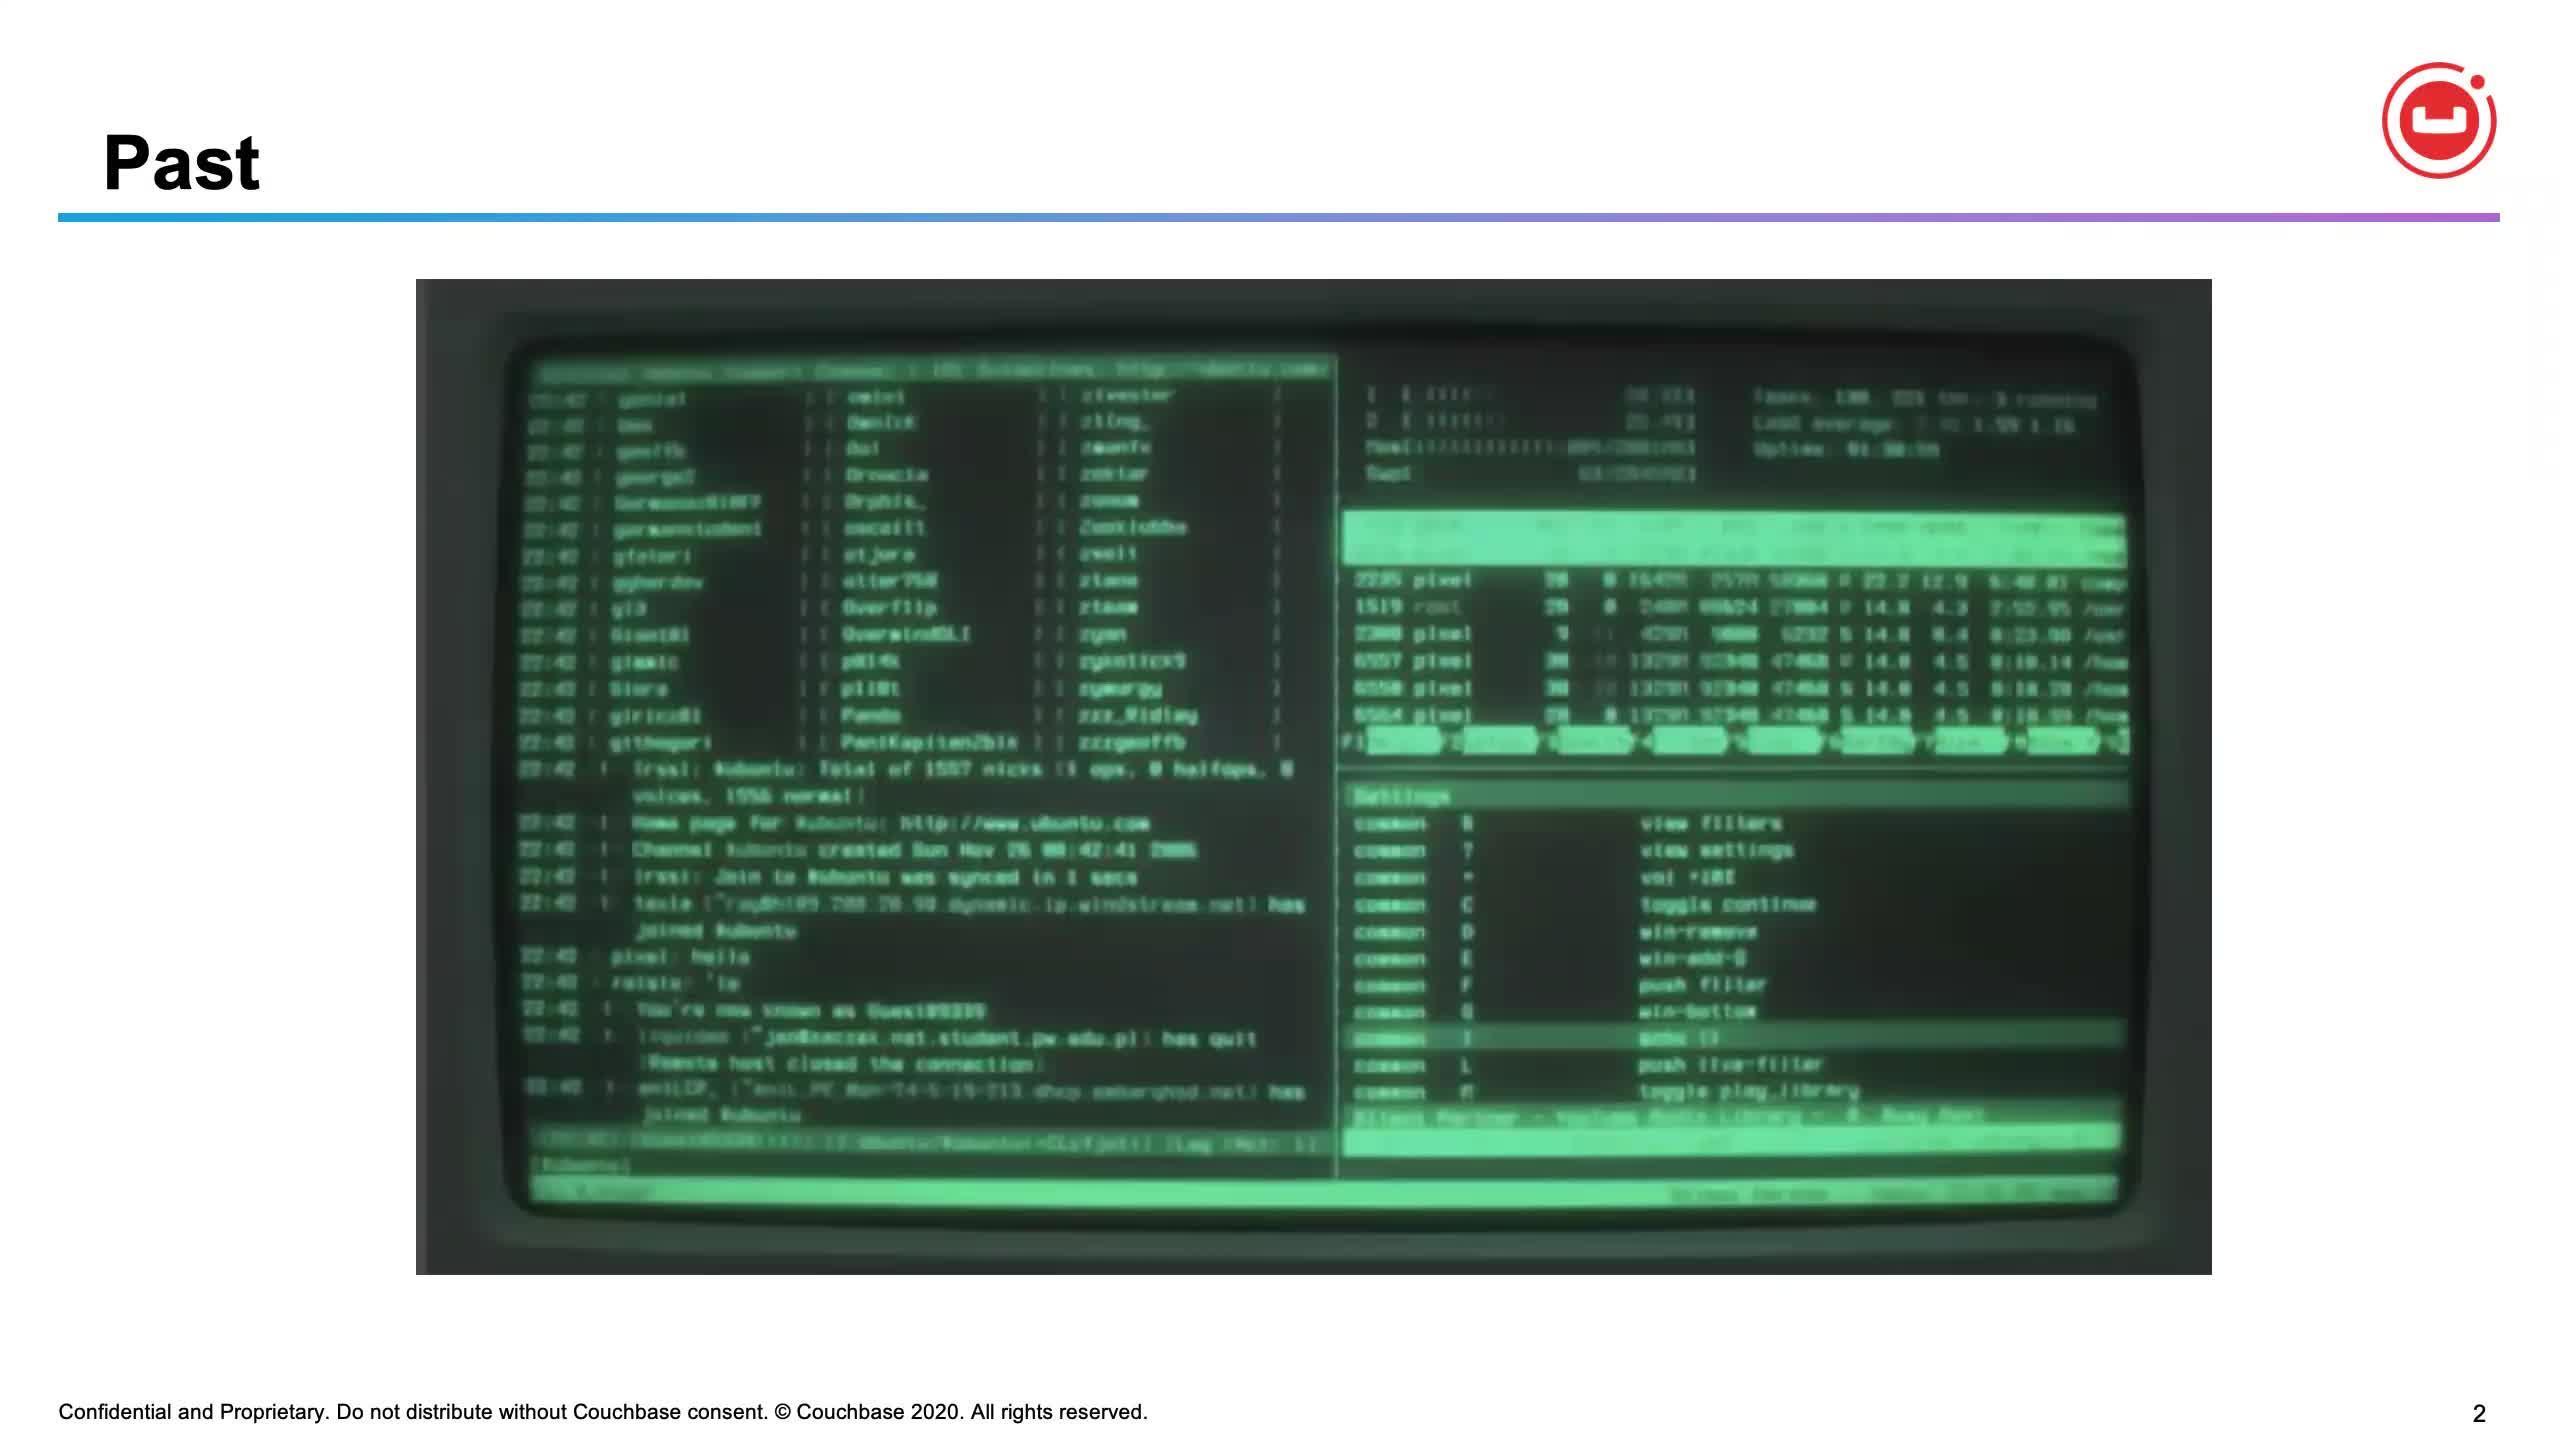 El siguiente hito de Kubernetes: ejecutar bases de datos distribuidas sobre contenedores